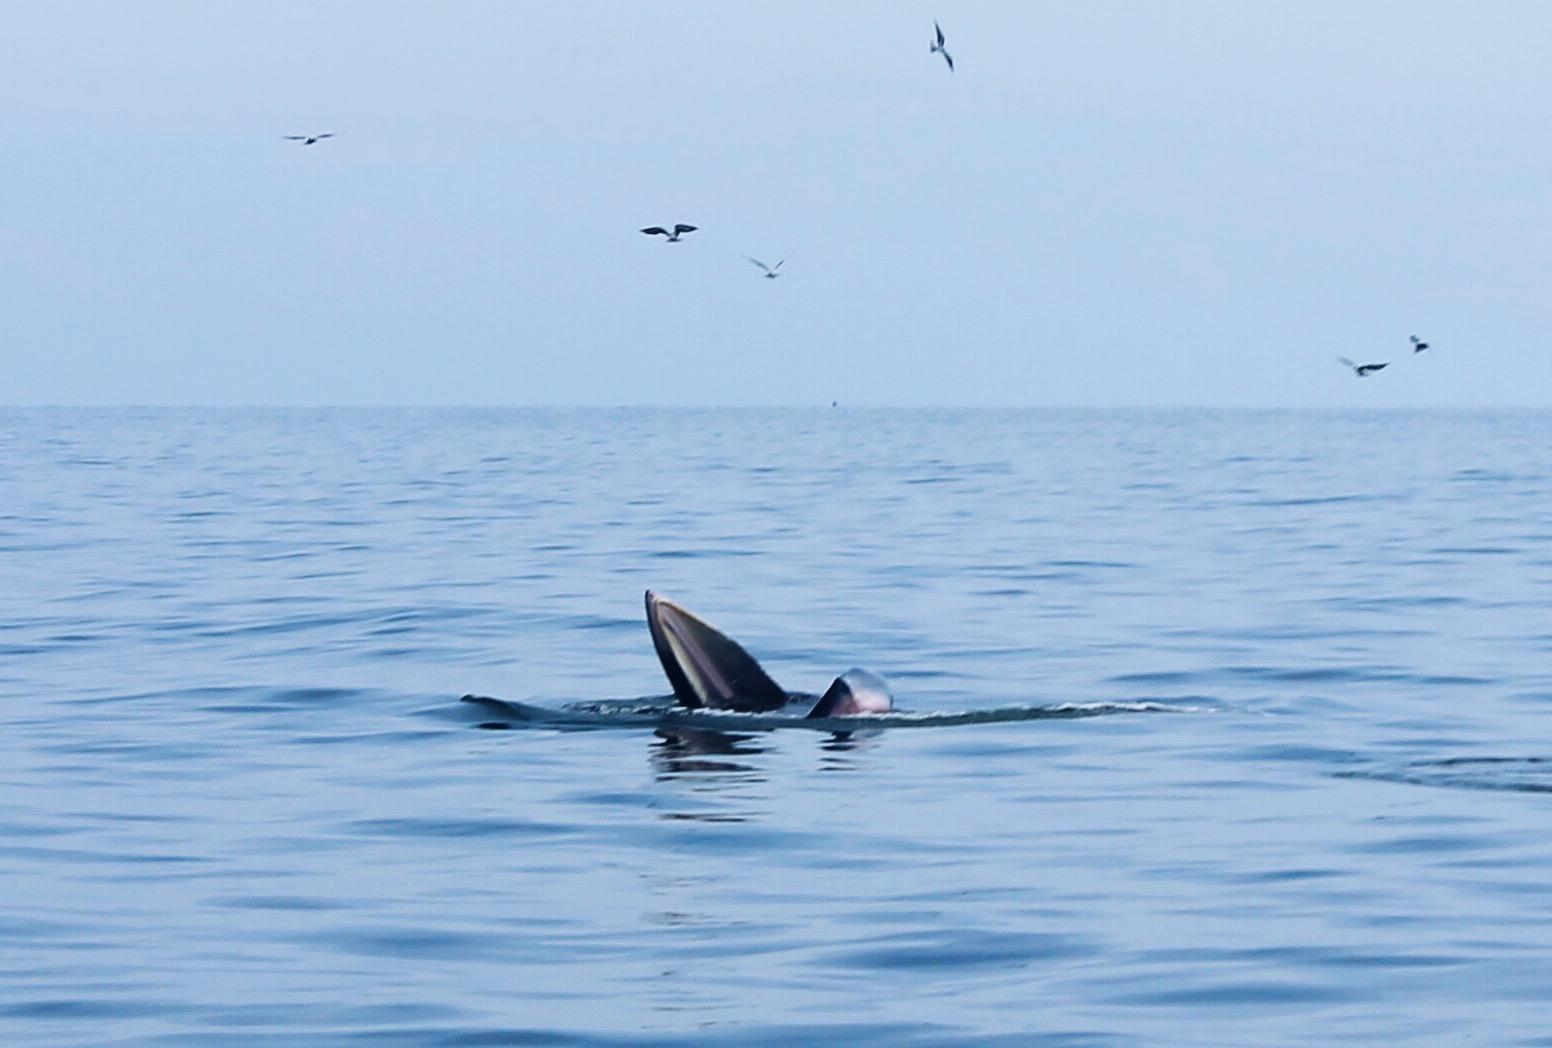 เที่ยวเพชรบุรีปลายปี กินหอย ดูปลาวาฬ ชมพระอาทิตย์ขึ้น สุดฟิน!